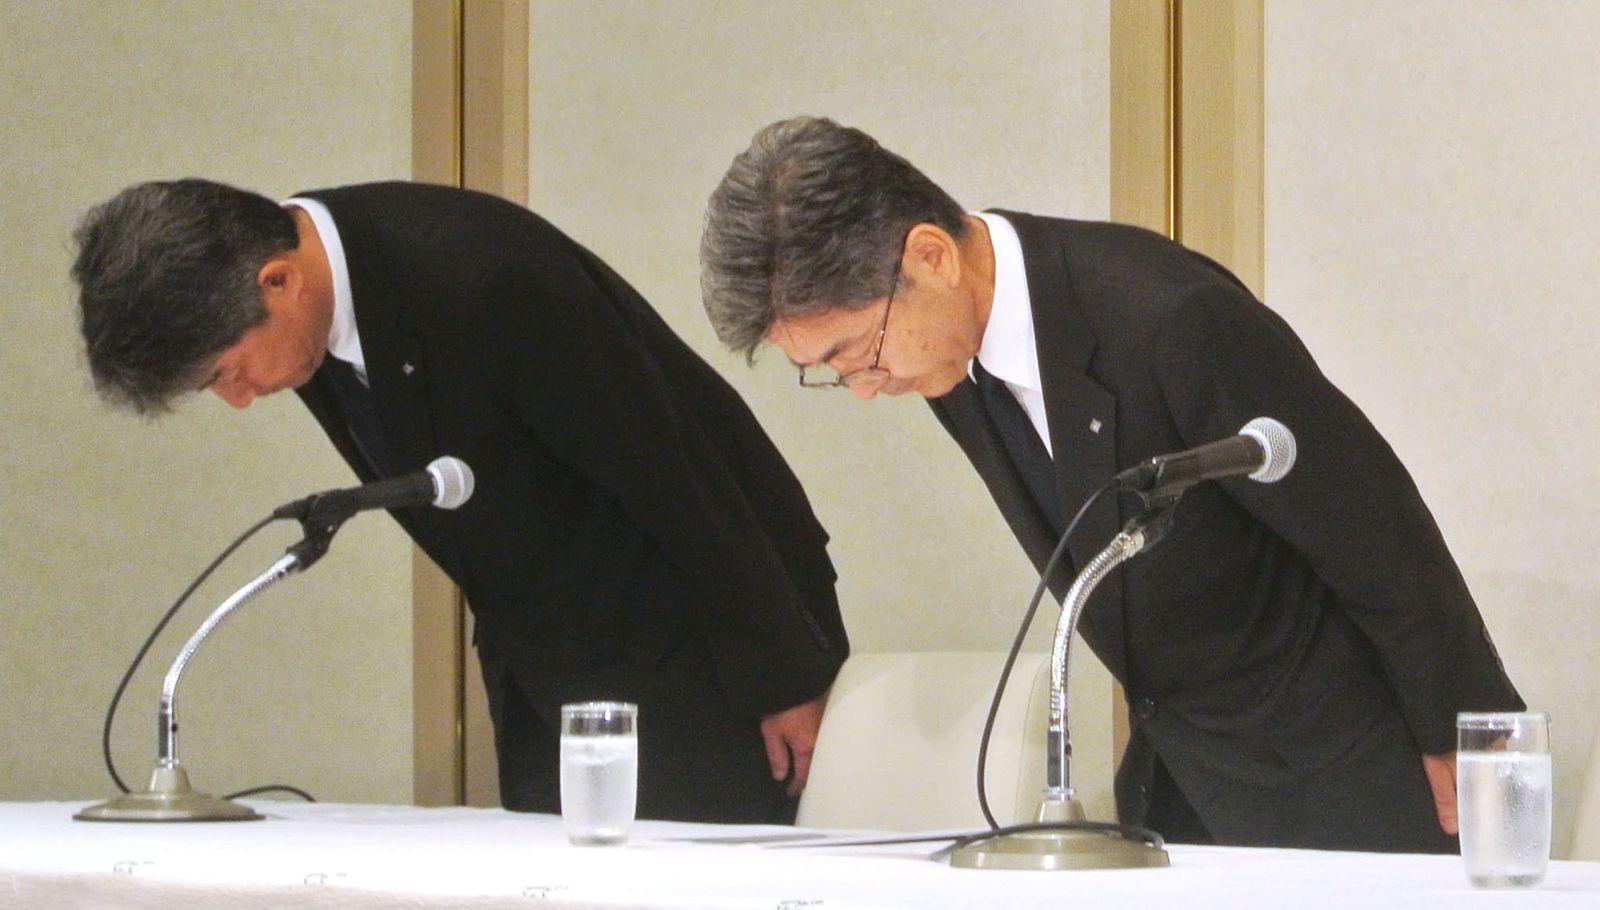 Naoto Umehara